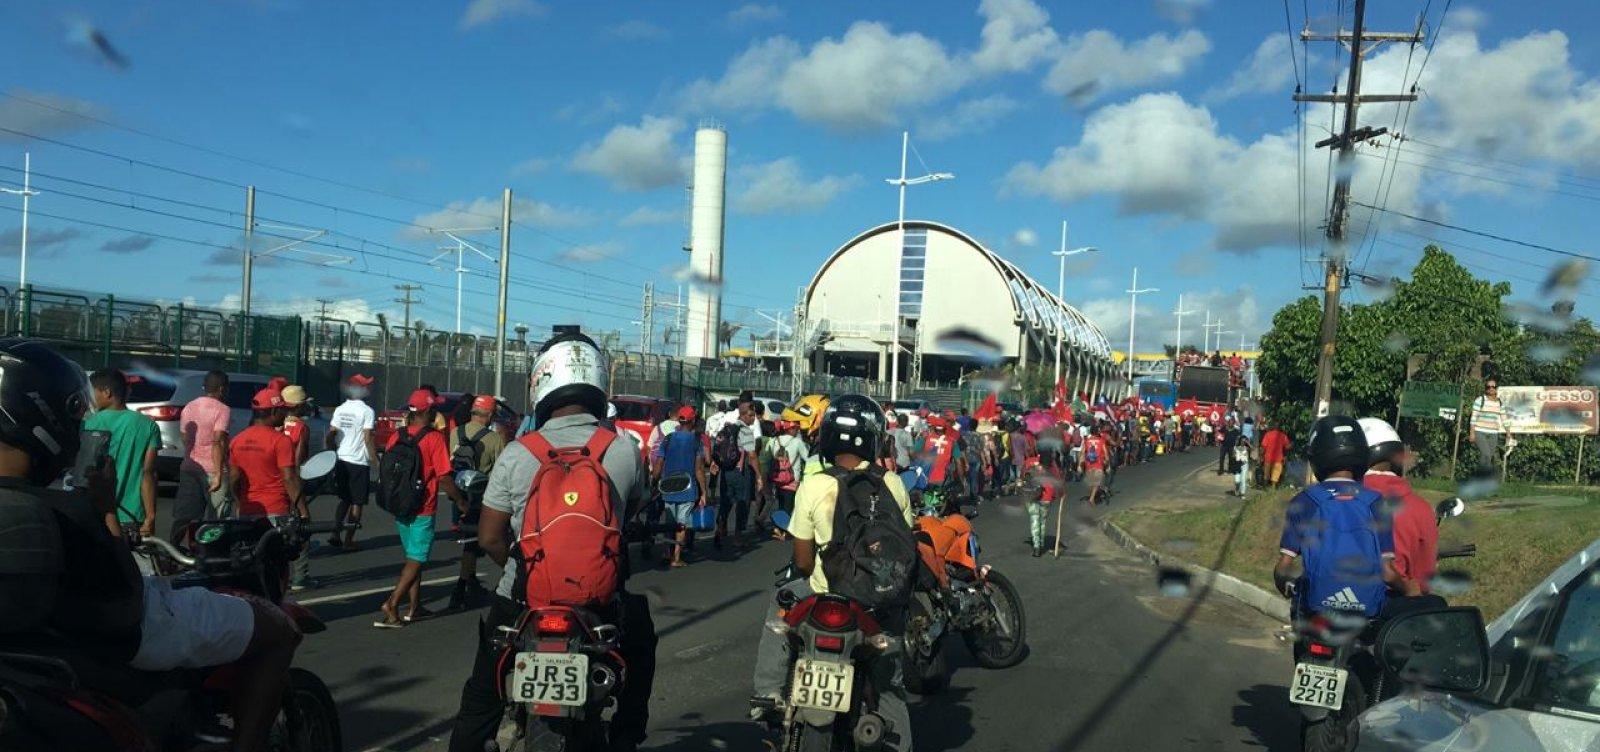 [Protesto de integrantes do MST complica trânsito em Salvador; veja vídeo]